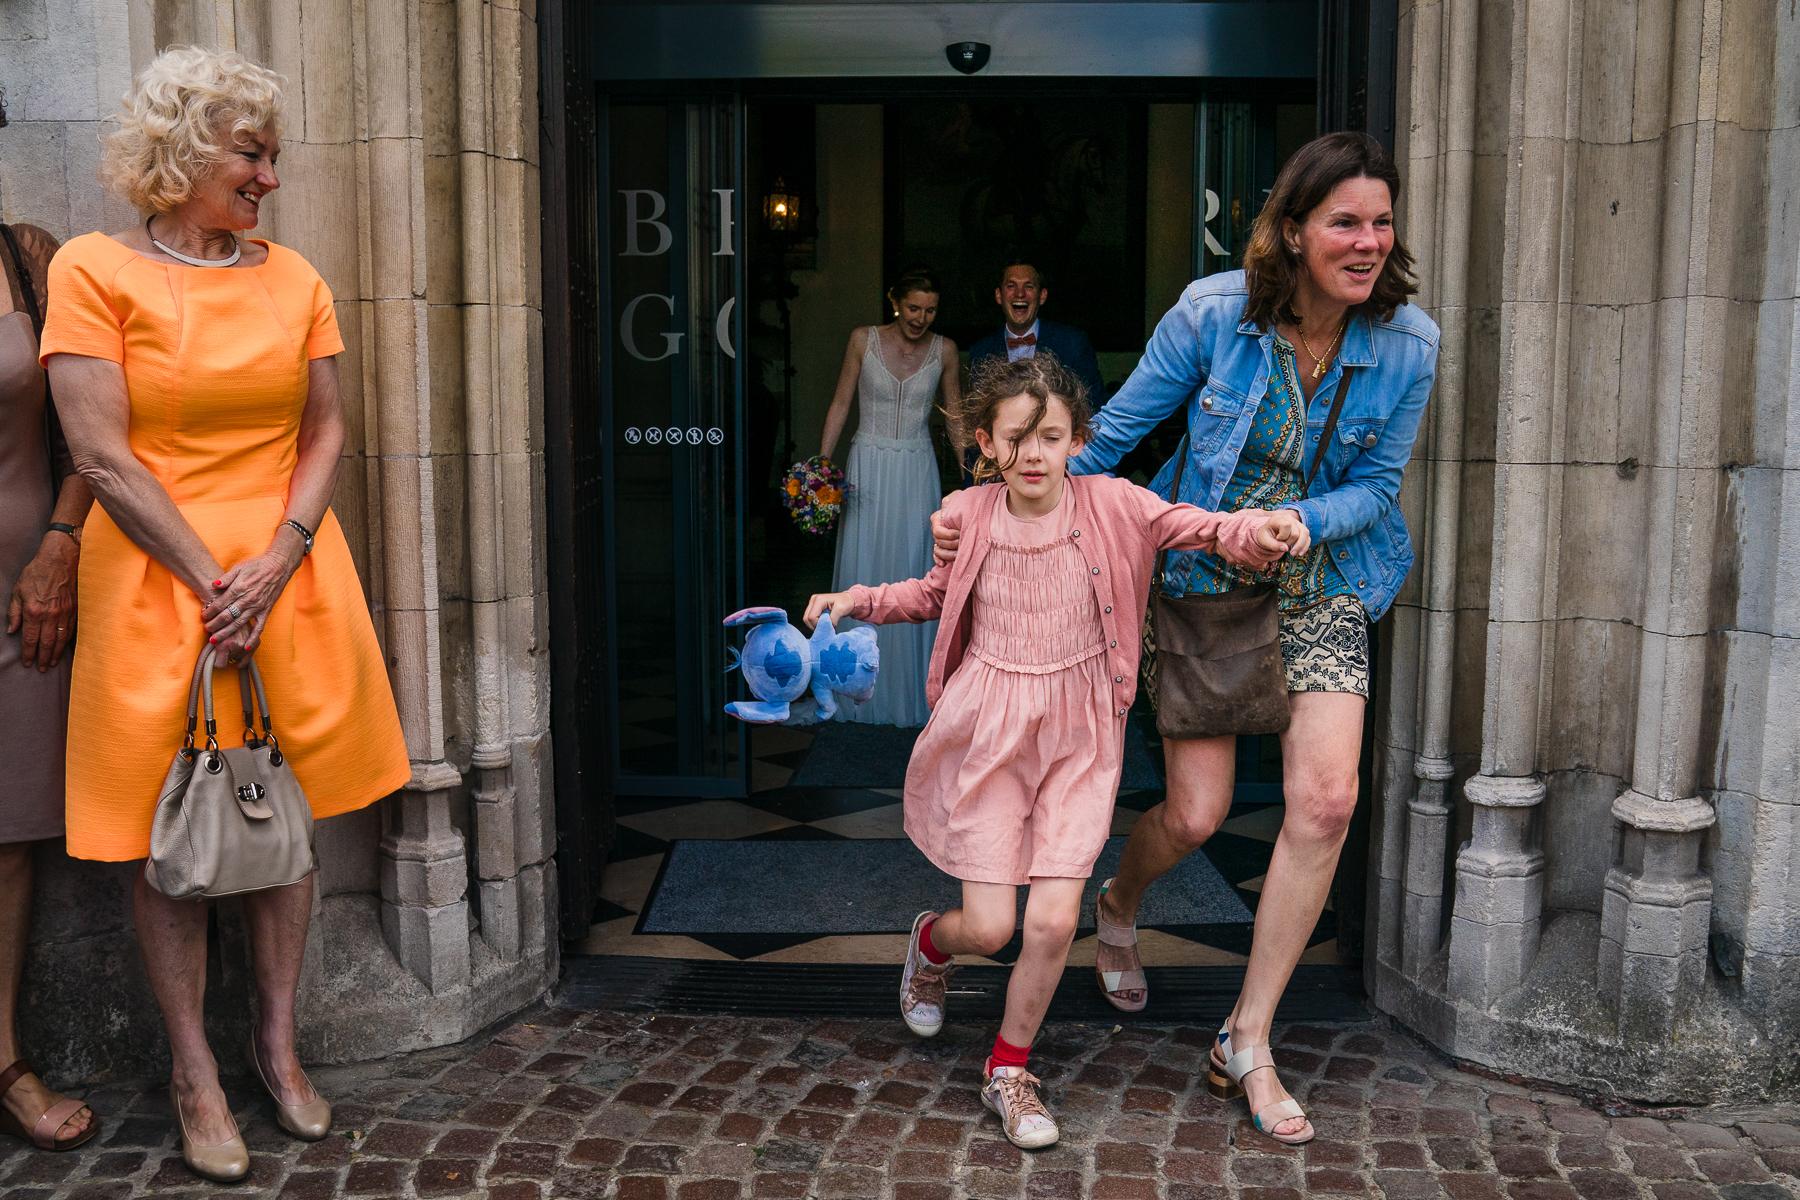 Auf diesem Hochzeitsfoto rennen ein kleines Mädchen und ihre Mutter aus dem Rathaus